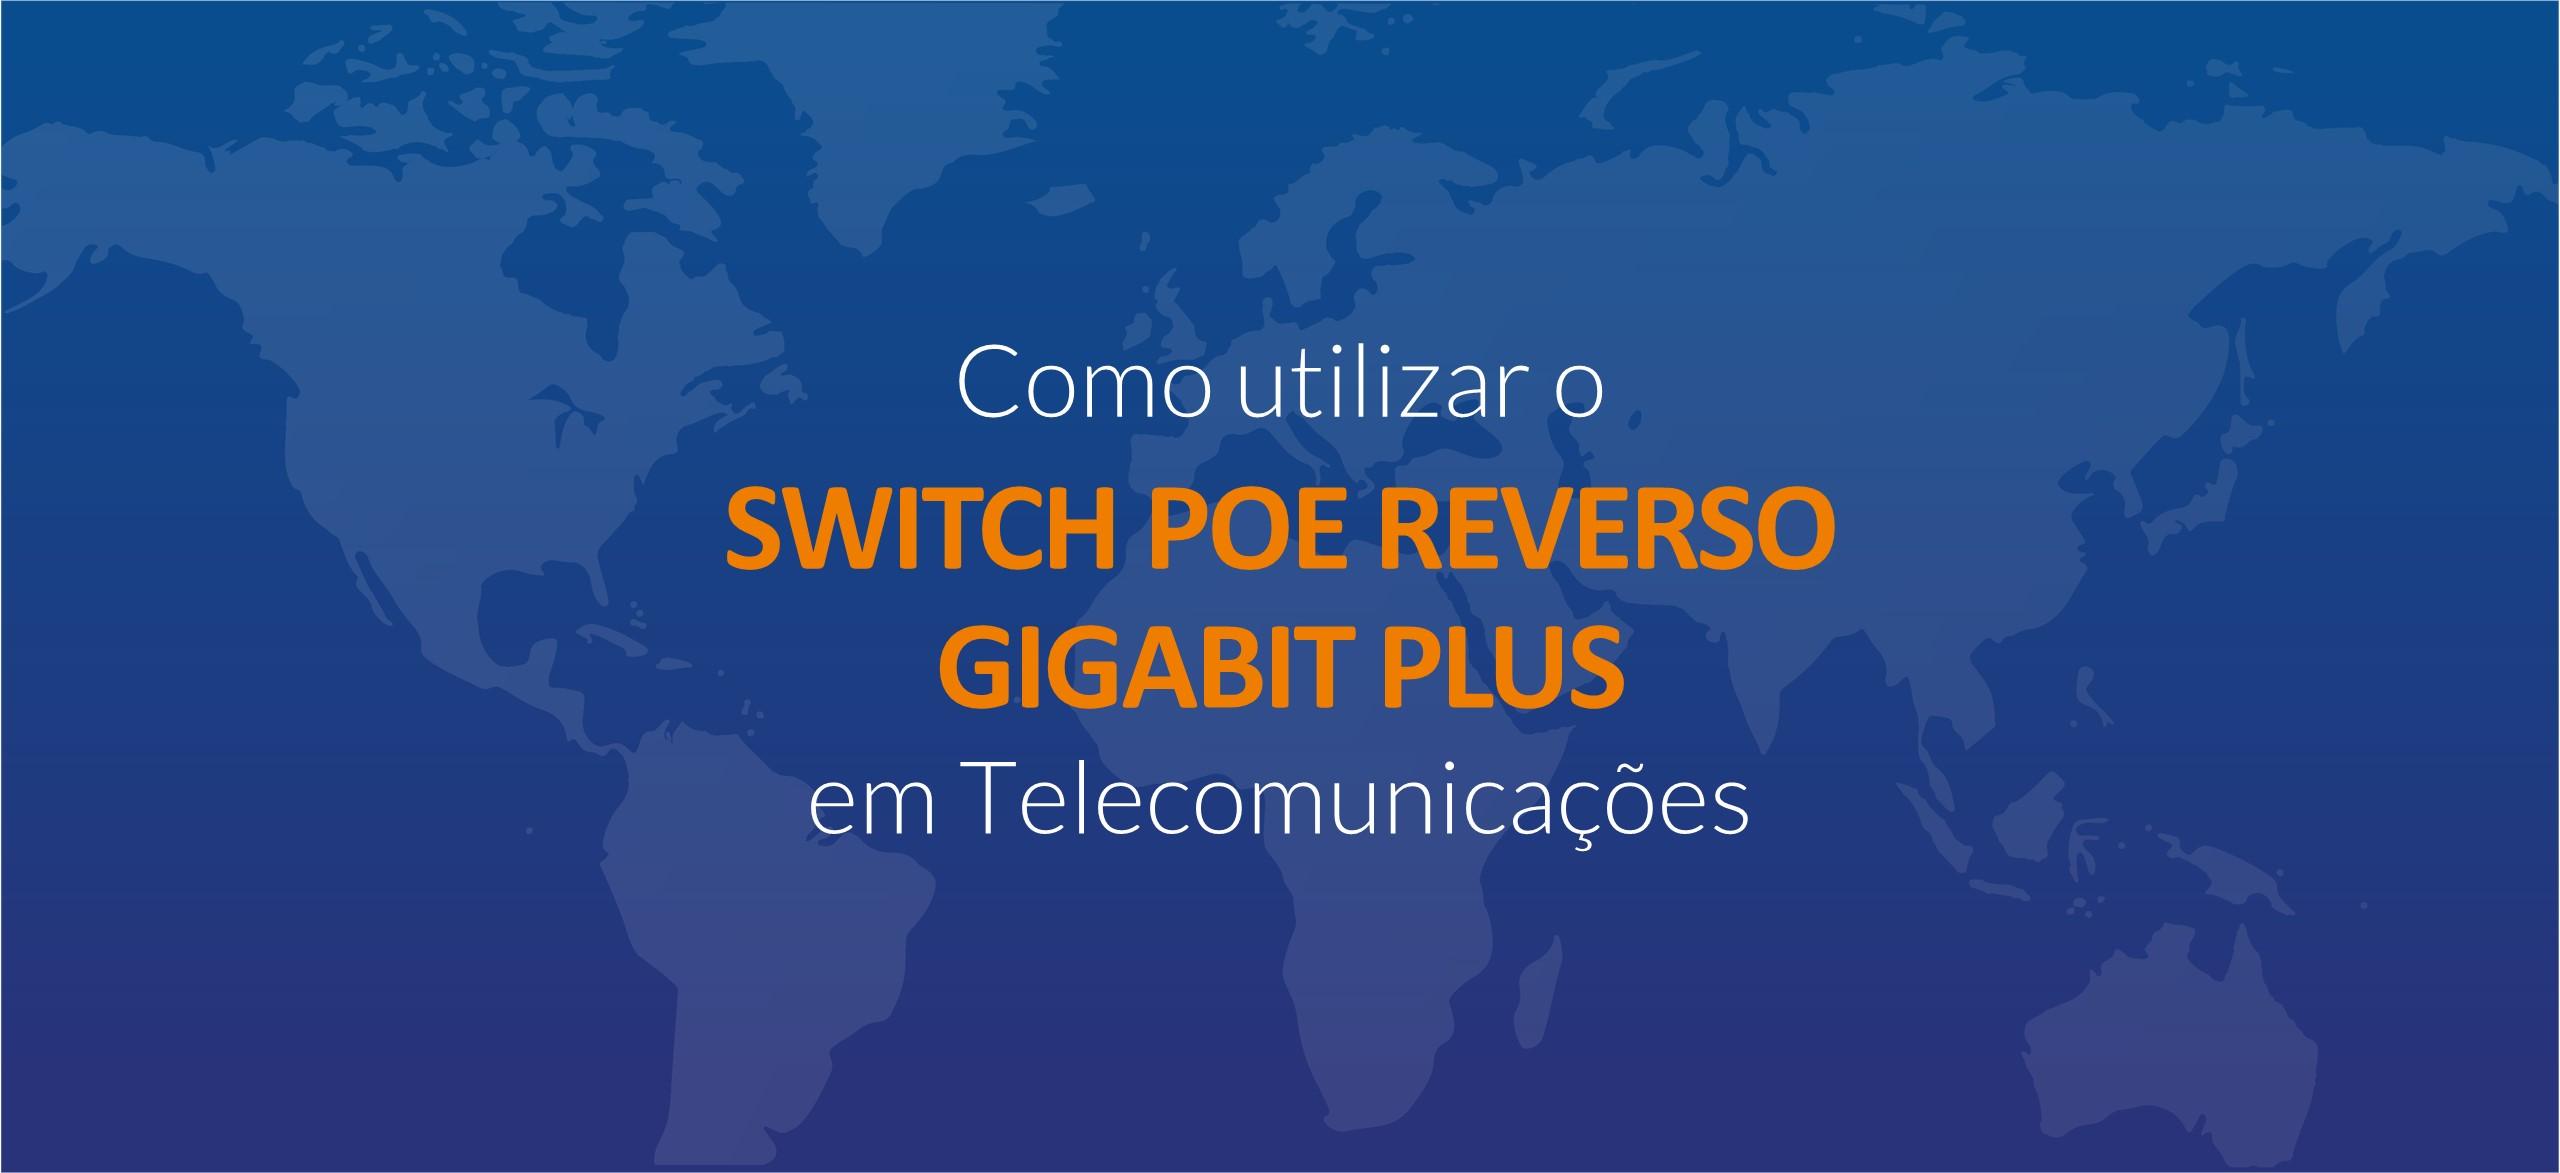 Como utilizar o Switch PoE Reverso Giga Plus em Telecomunicações